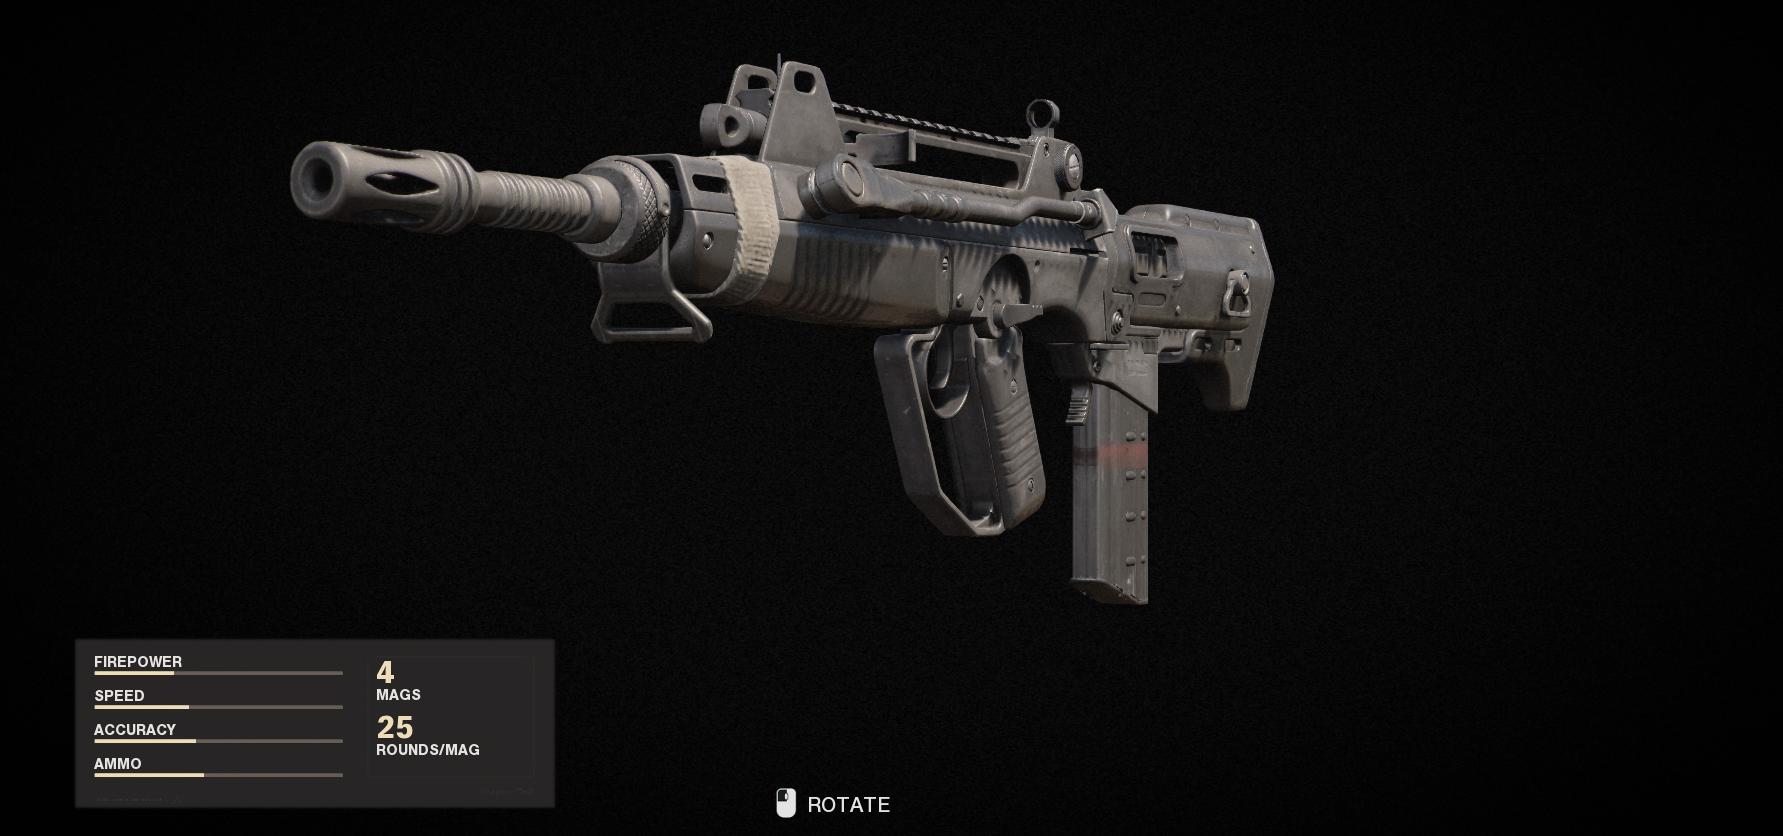 Call of Duty: Meilleur chargement FFAR 1 dans Black Ops Cold War